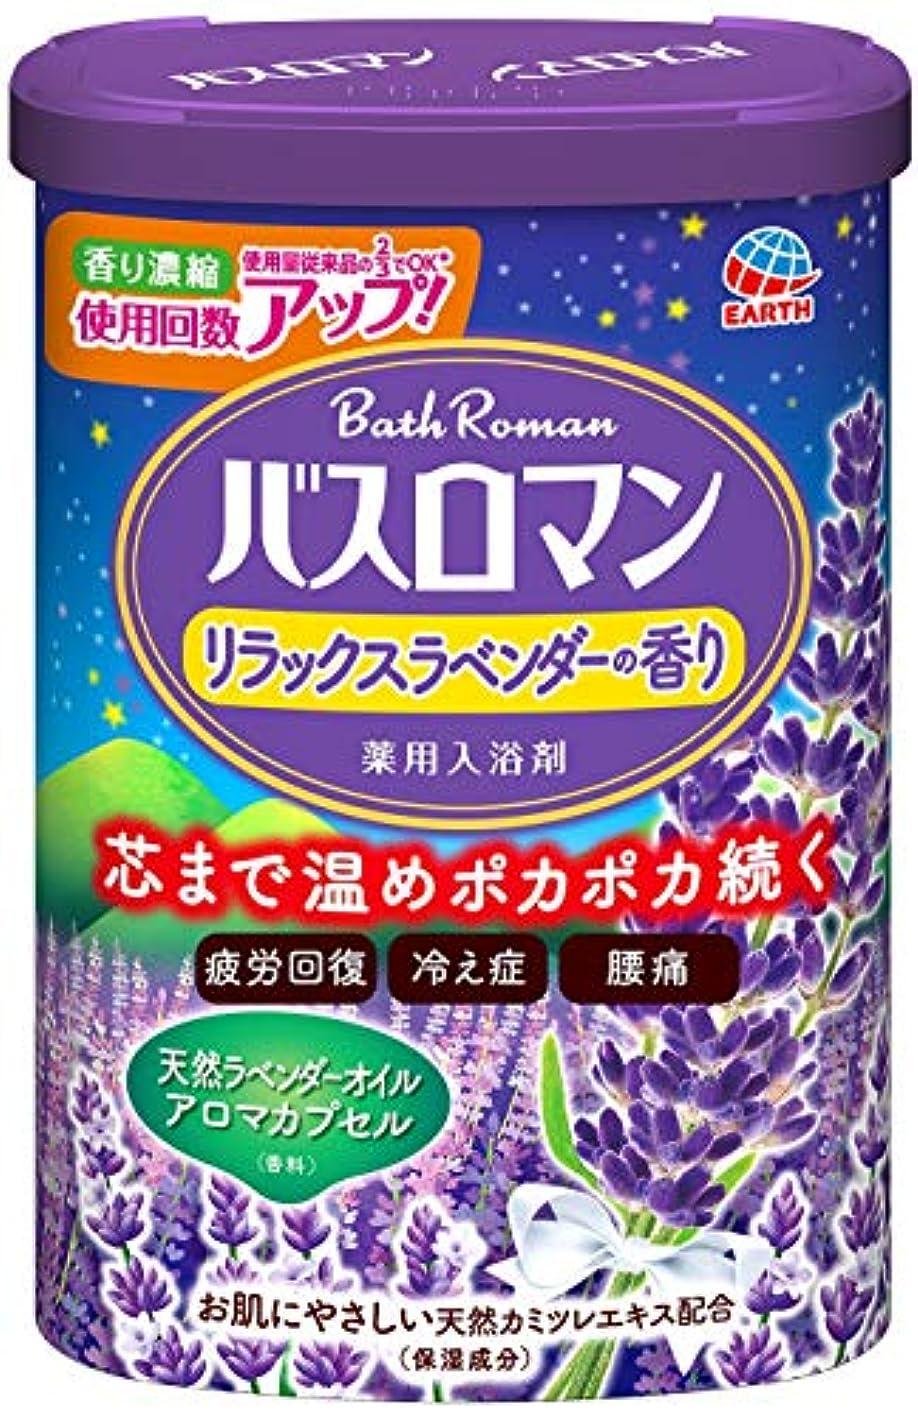 バイソン悪質な気分が良い【医薬部外品】バスロマン 入浴剤 リラックスラベンダーの香り [600g]